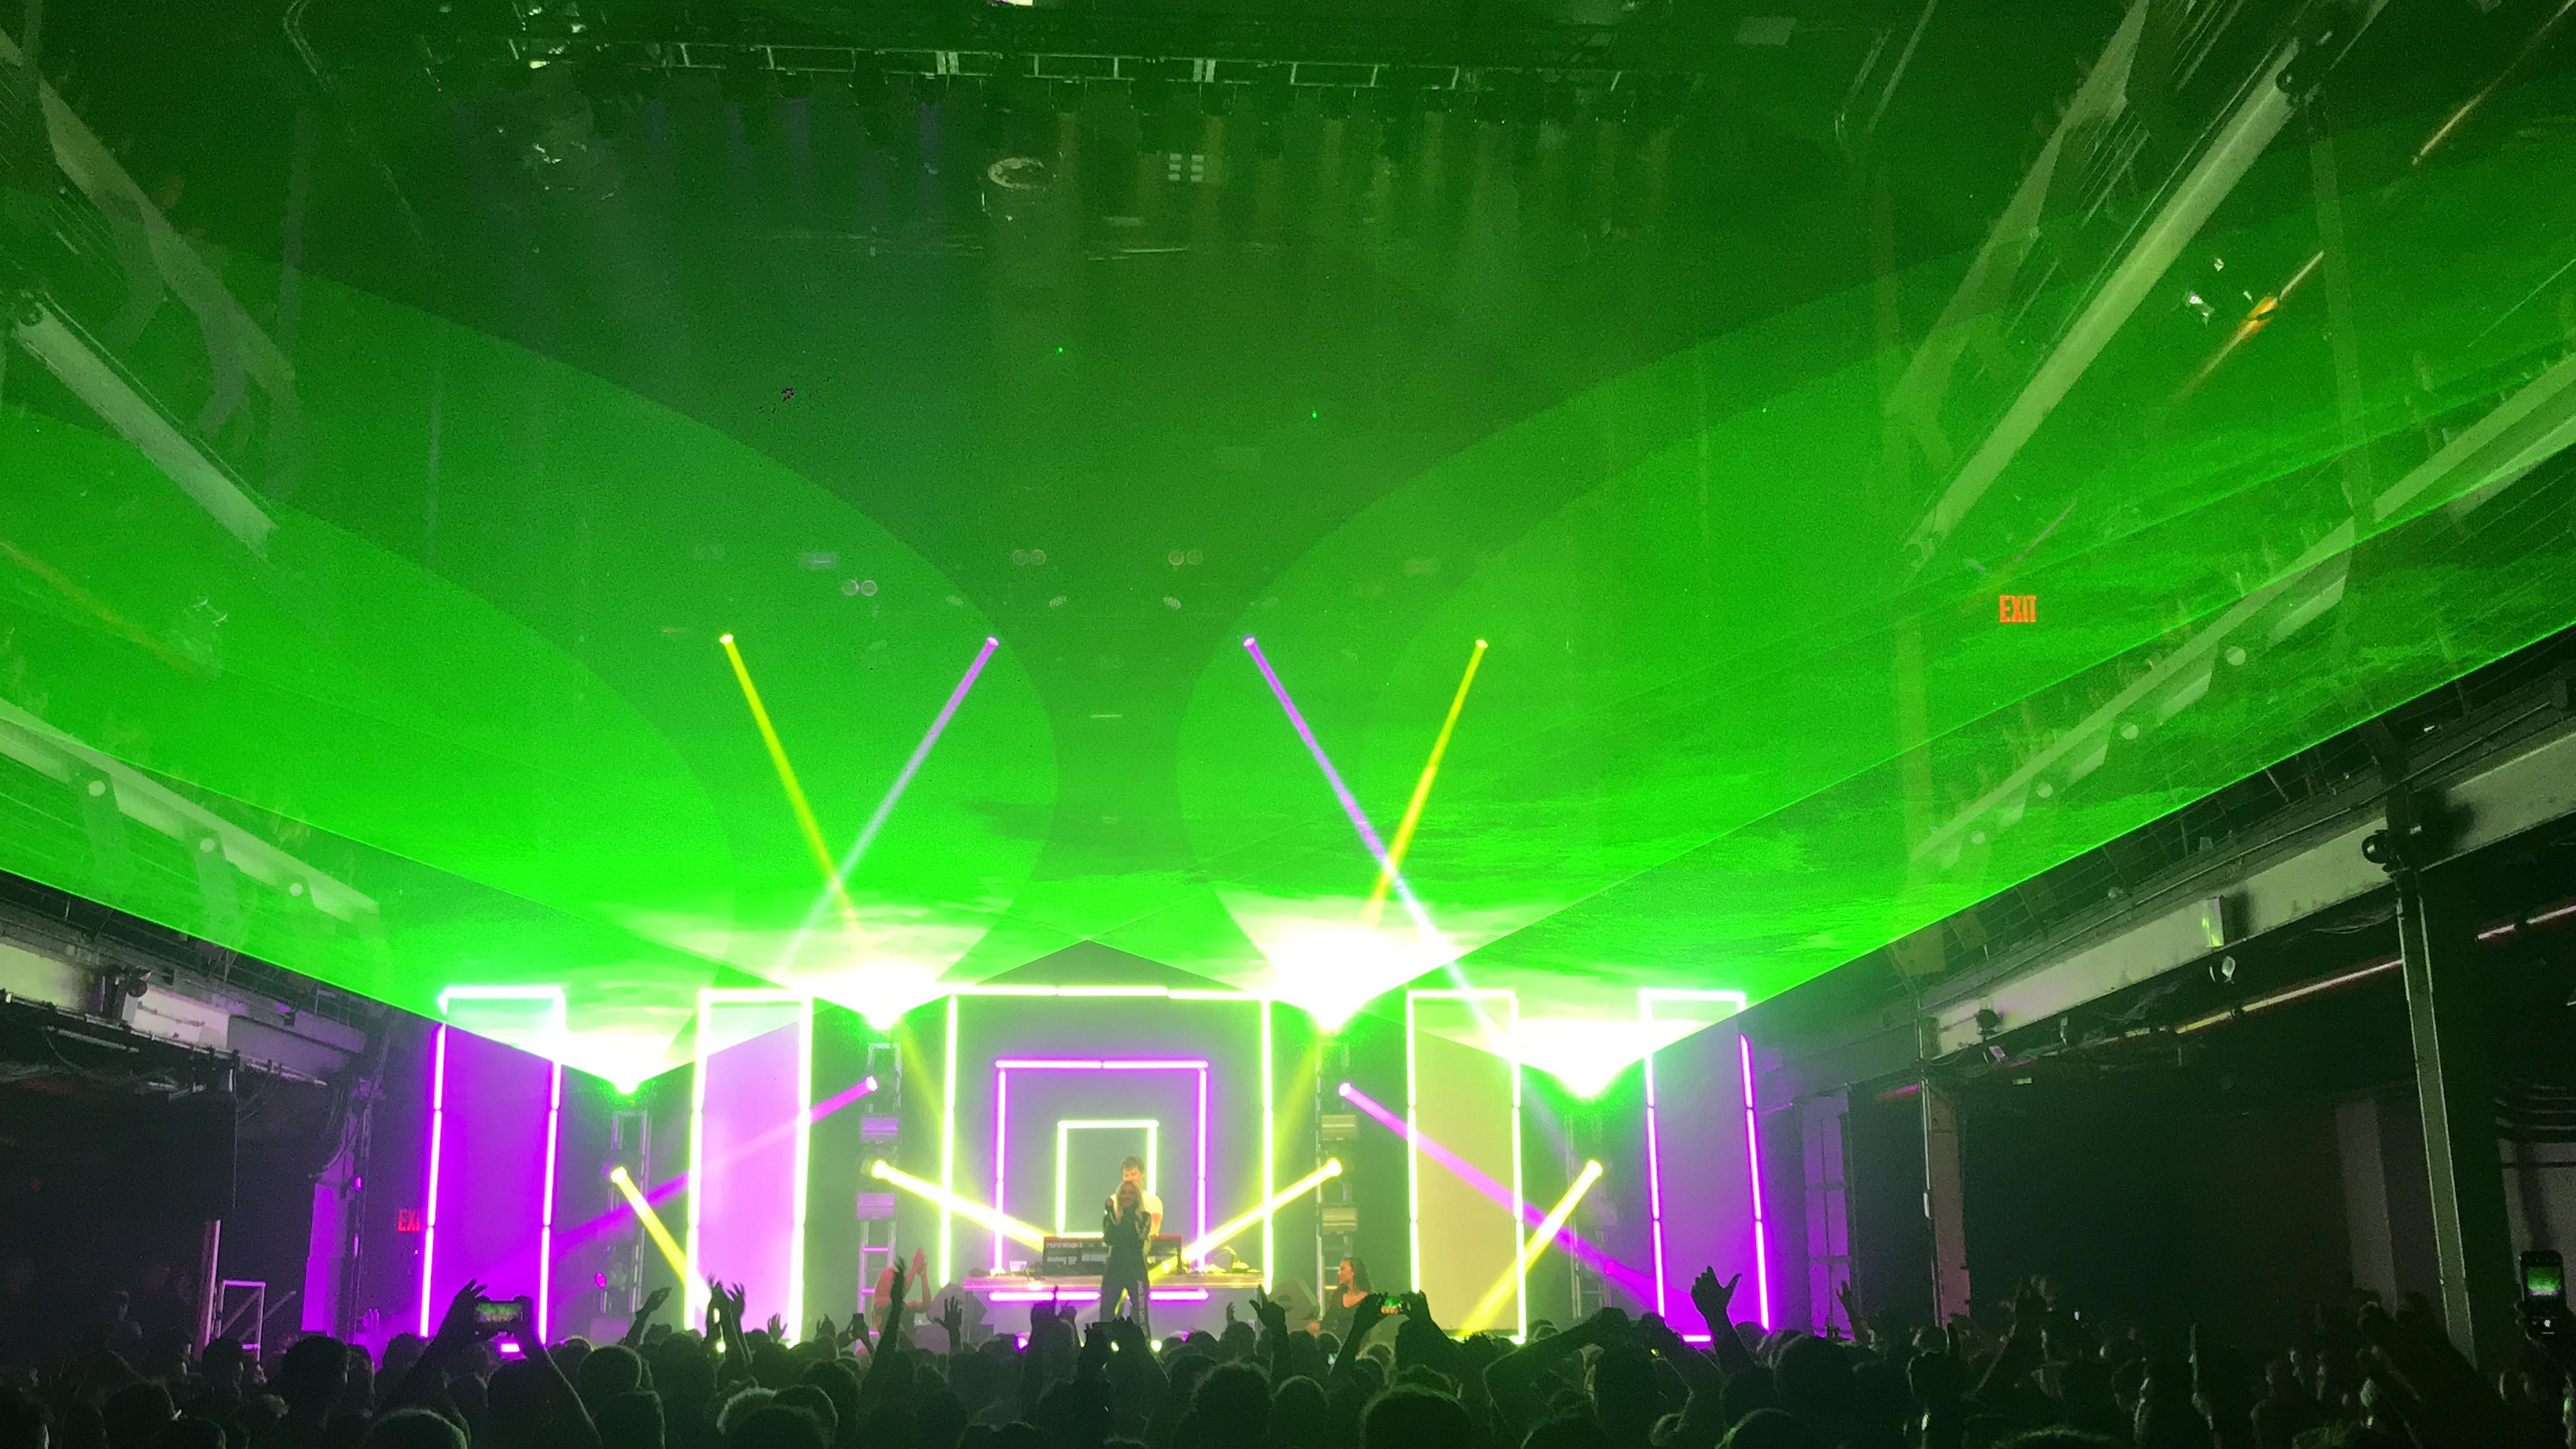 Metro Music Hall Salt Lake City, UT Brig